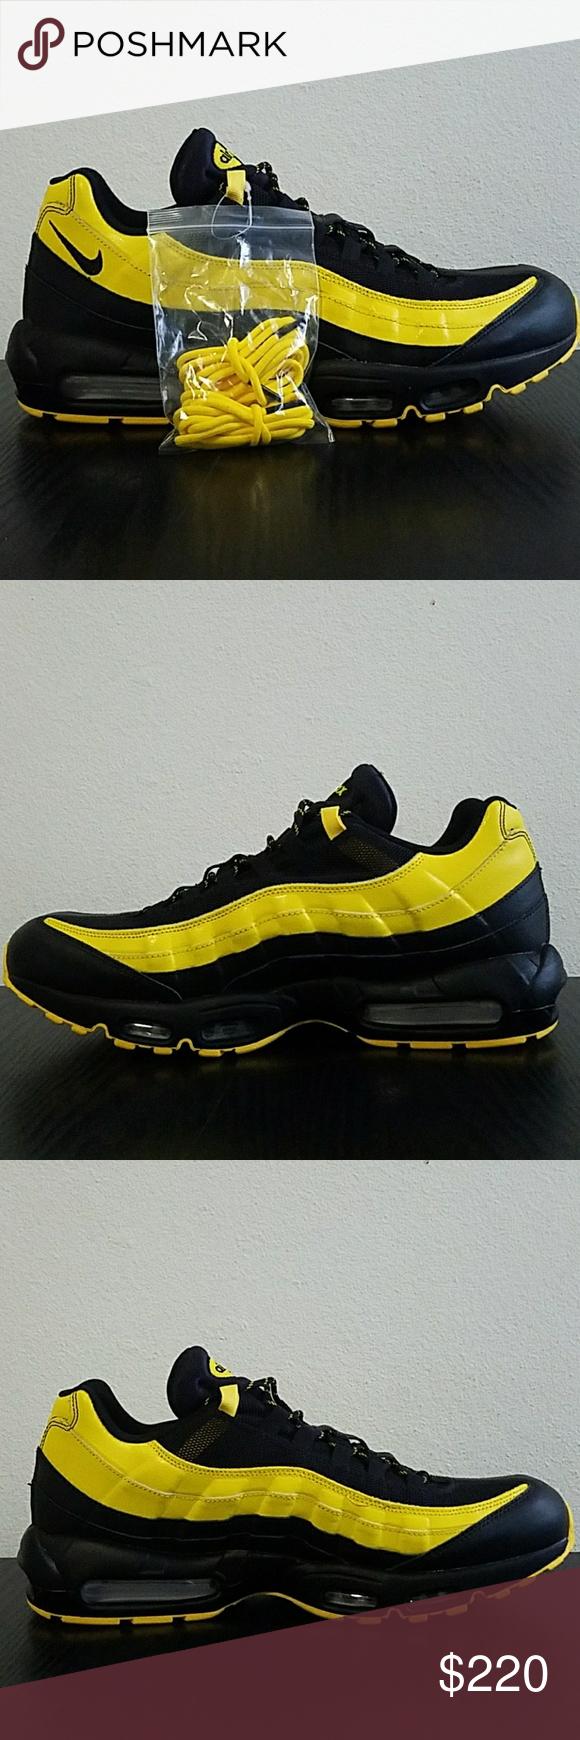 Nike NIKE Air Max 95 sneakers men AIR MAX 95 FREQUENCY PACK black black AV7939 001